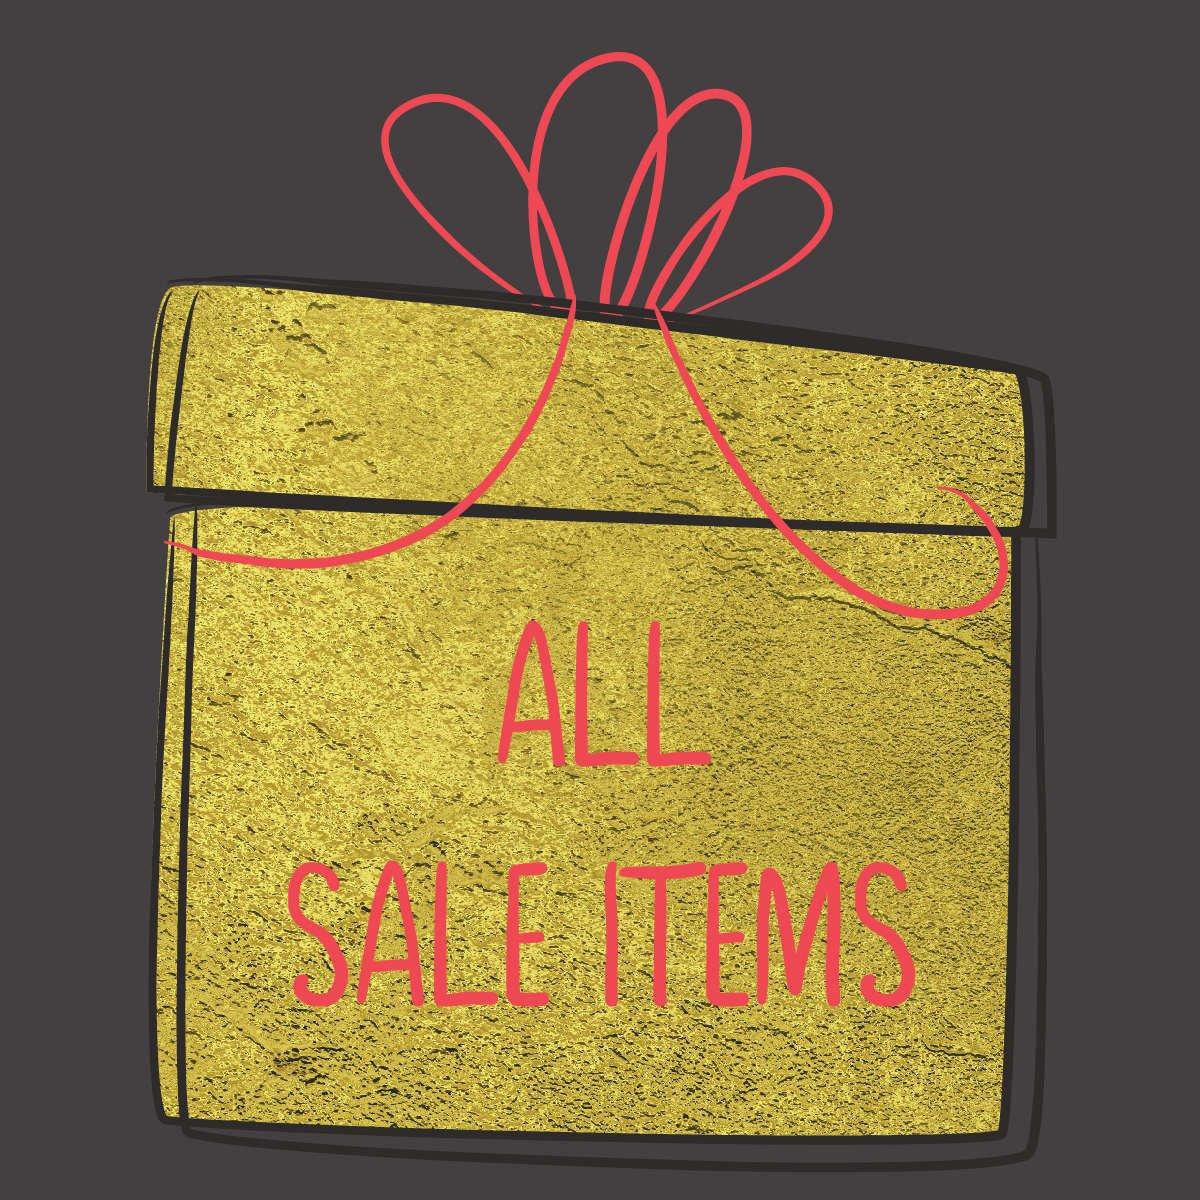 https://www.creativeewe.co/collections/seasons-bleatings-sale